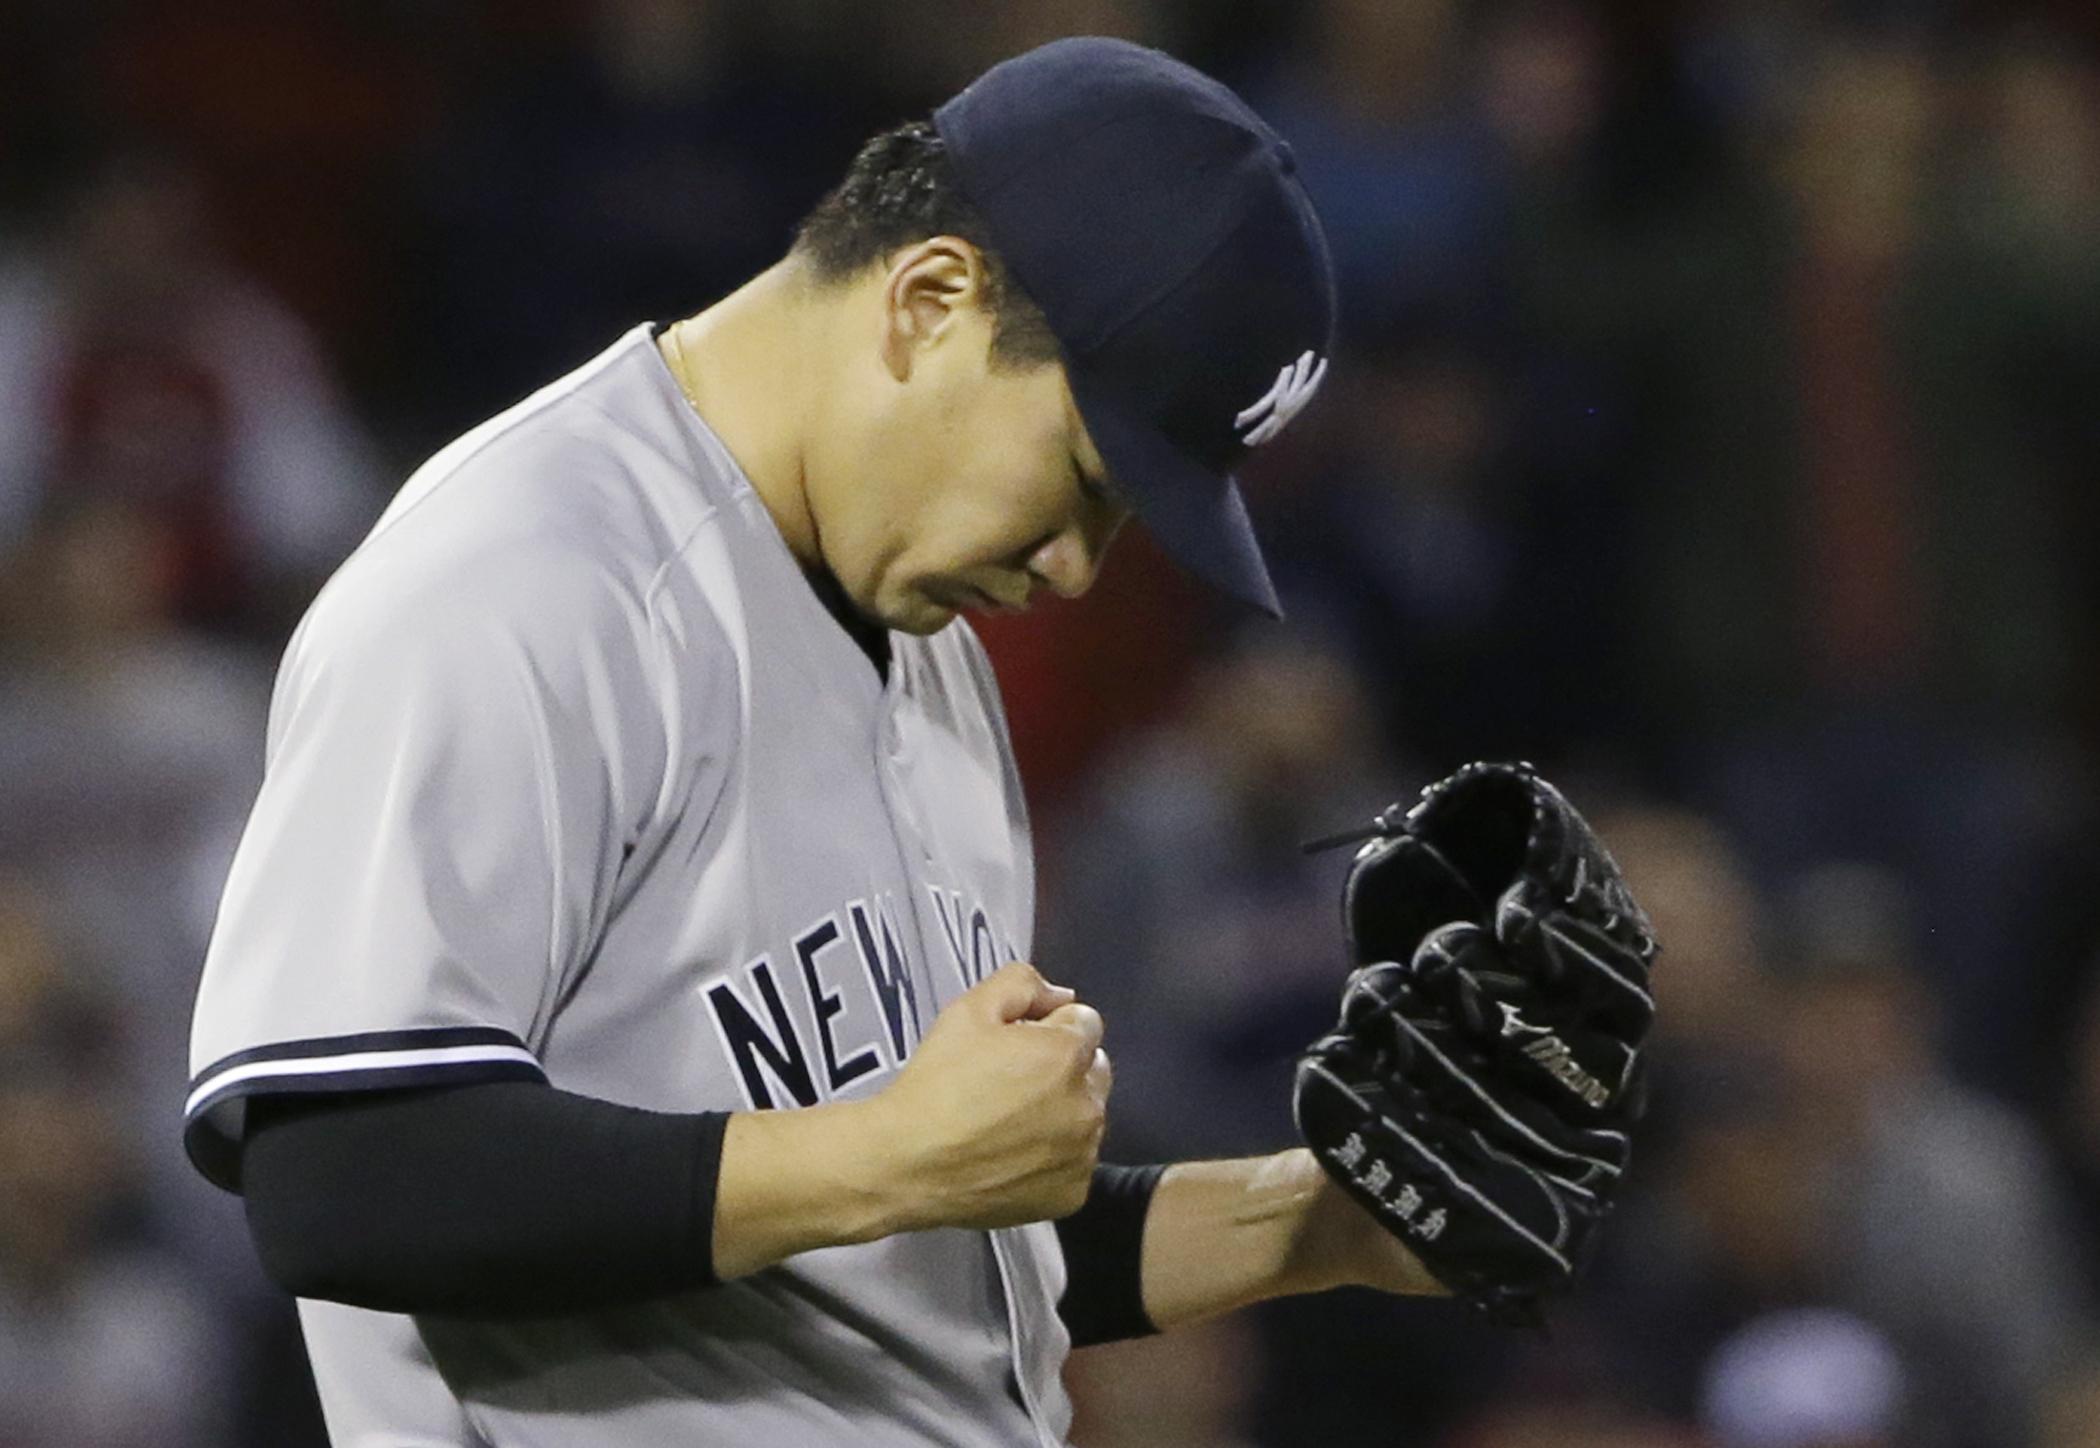 田中將大只用了97球就投出大聯盟生涯第2場完封勝。(達志影像)